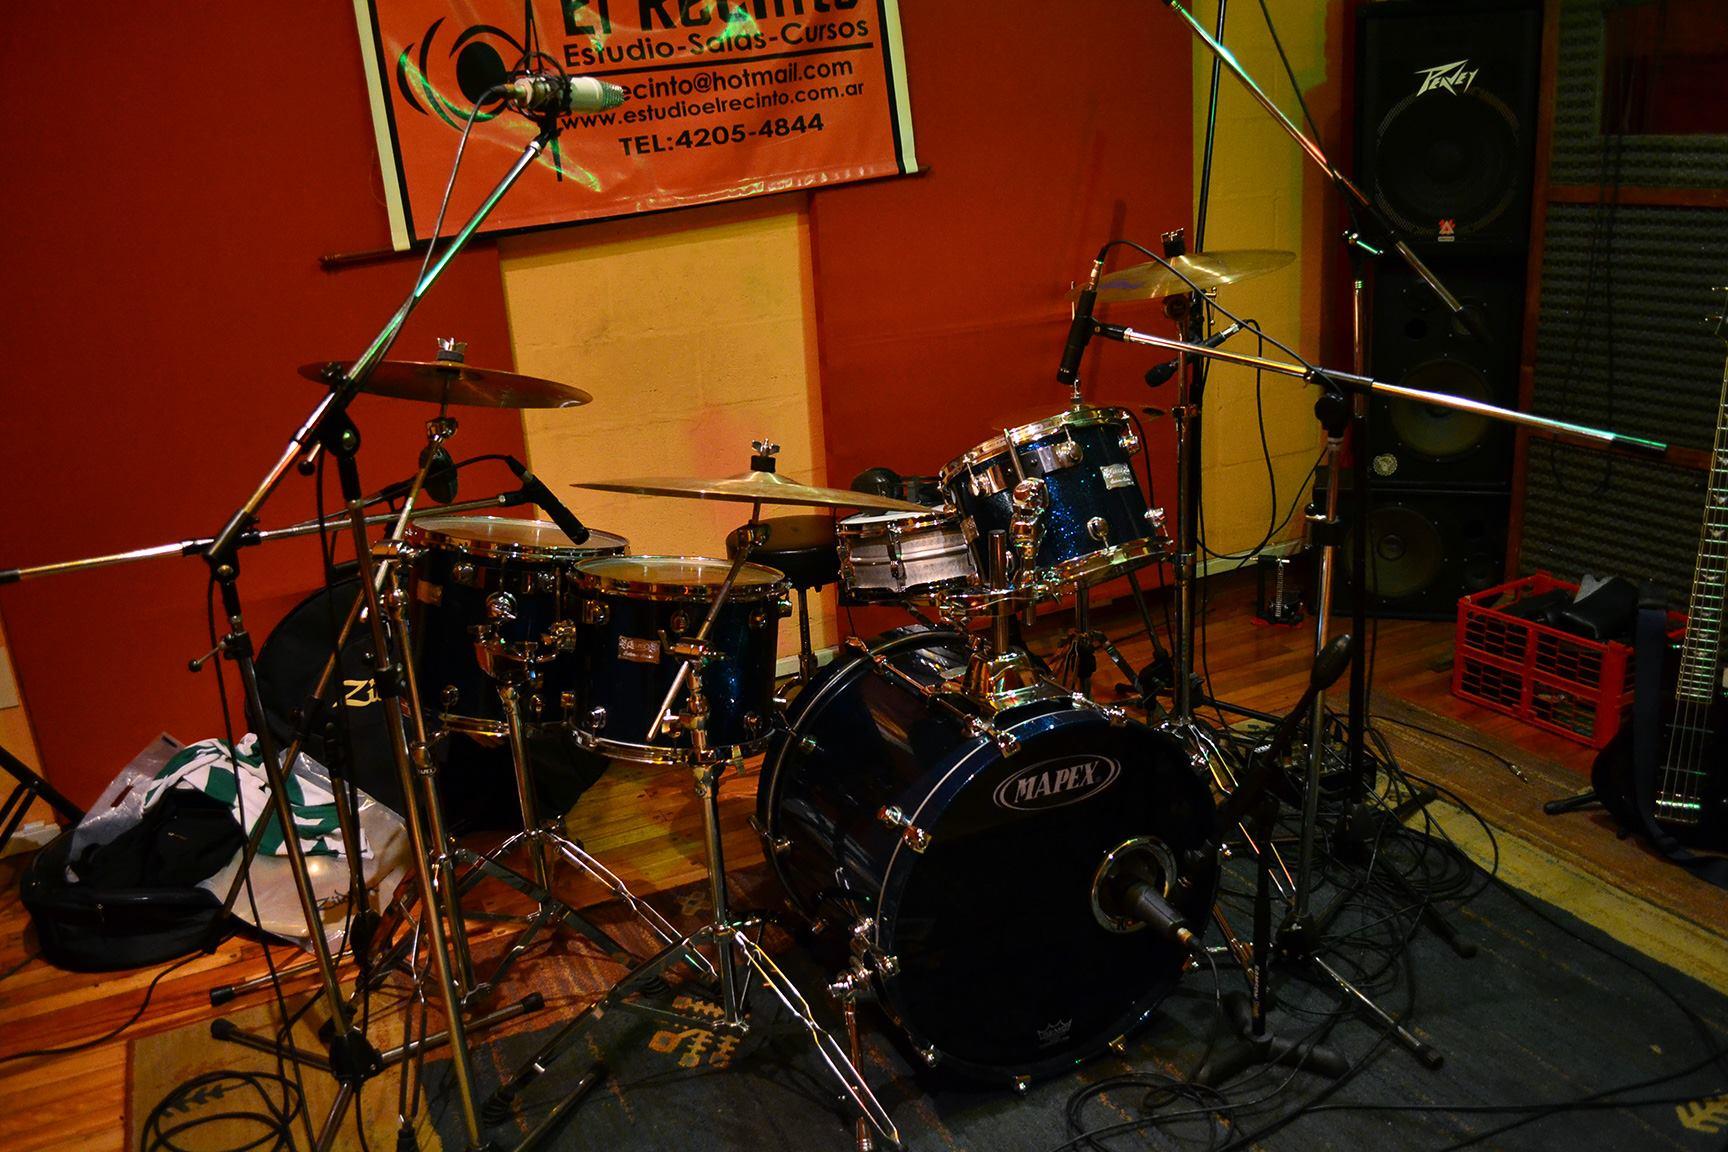 estudio de grabación - El Recinto